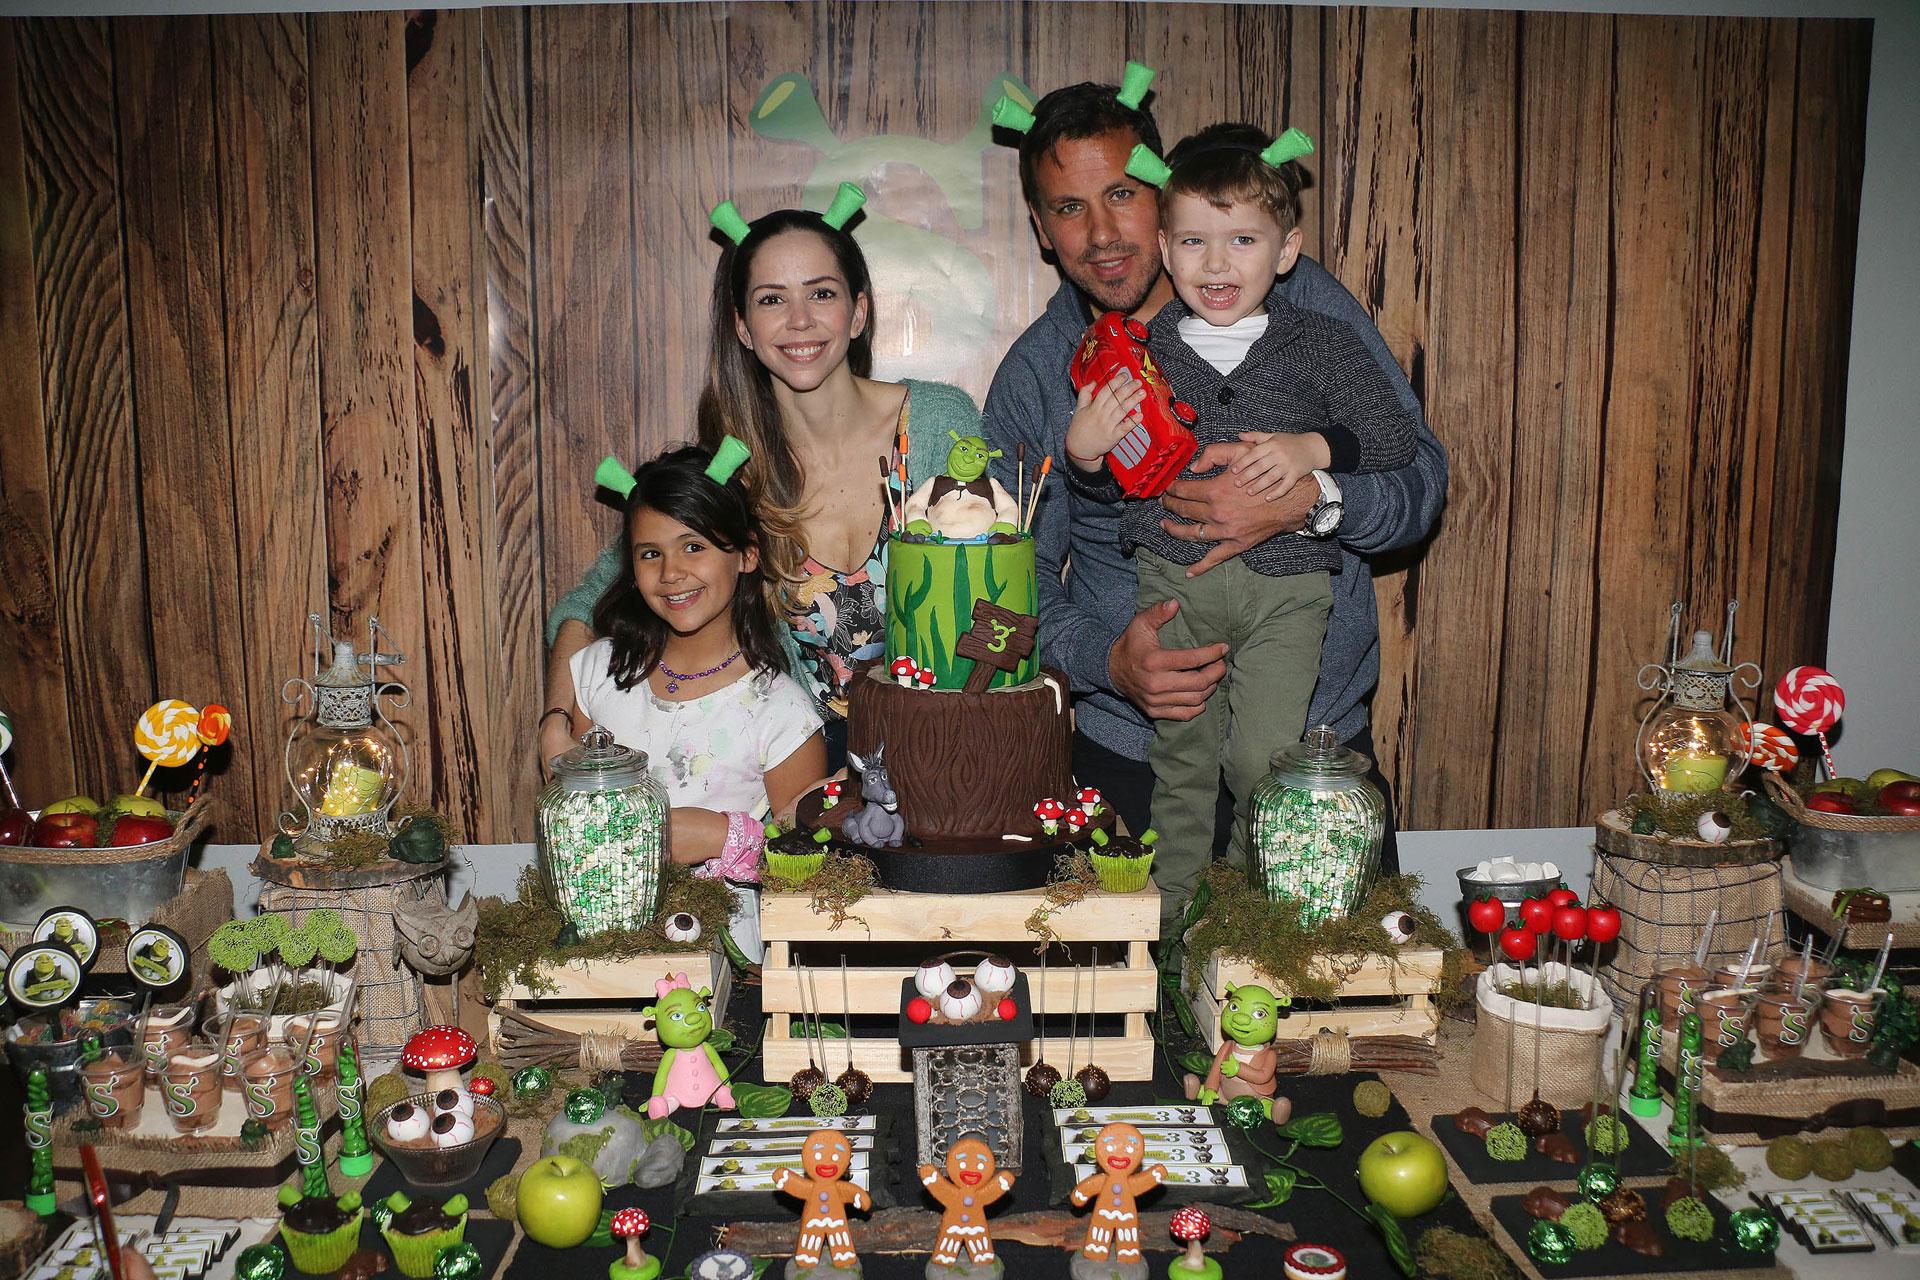 El Ogro Fabbiani le festejó el cumple a su hijo Santino (3), fruto de su relación con Gimena Vascón. Participó Uma, la hija que el ex futbolista tuvo con Amalia Granata (Verónica Guerman / Teleshow)